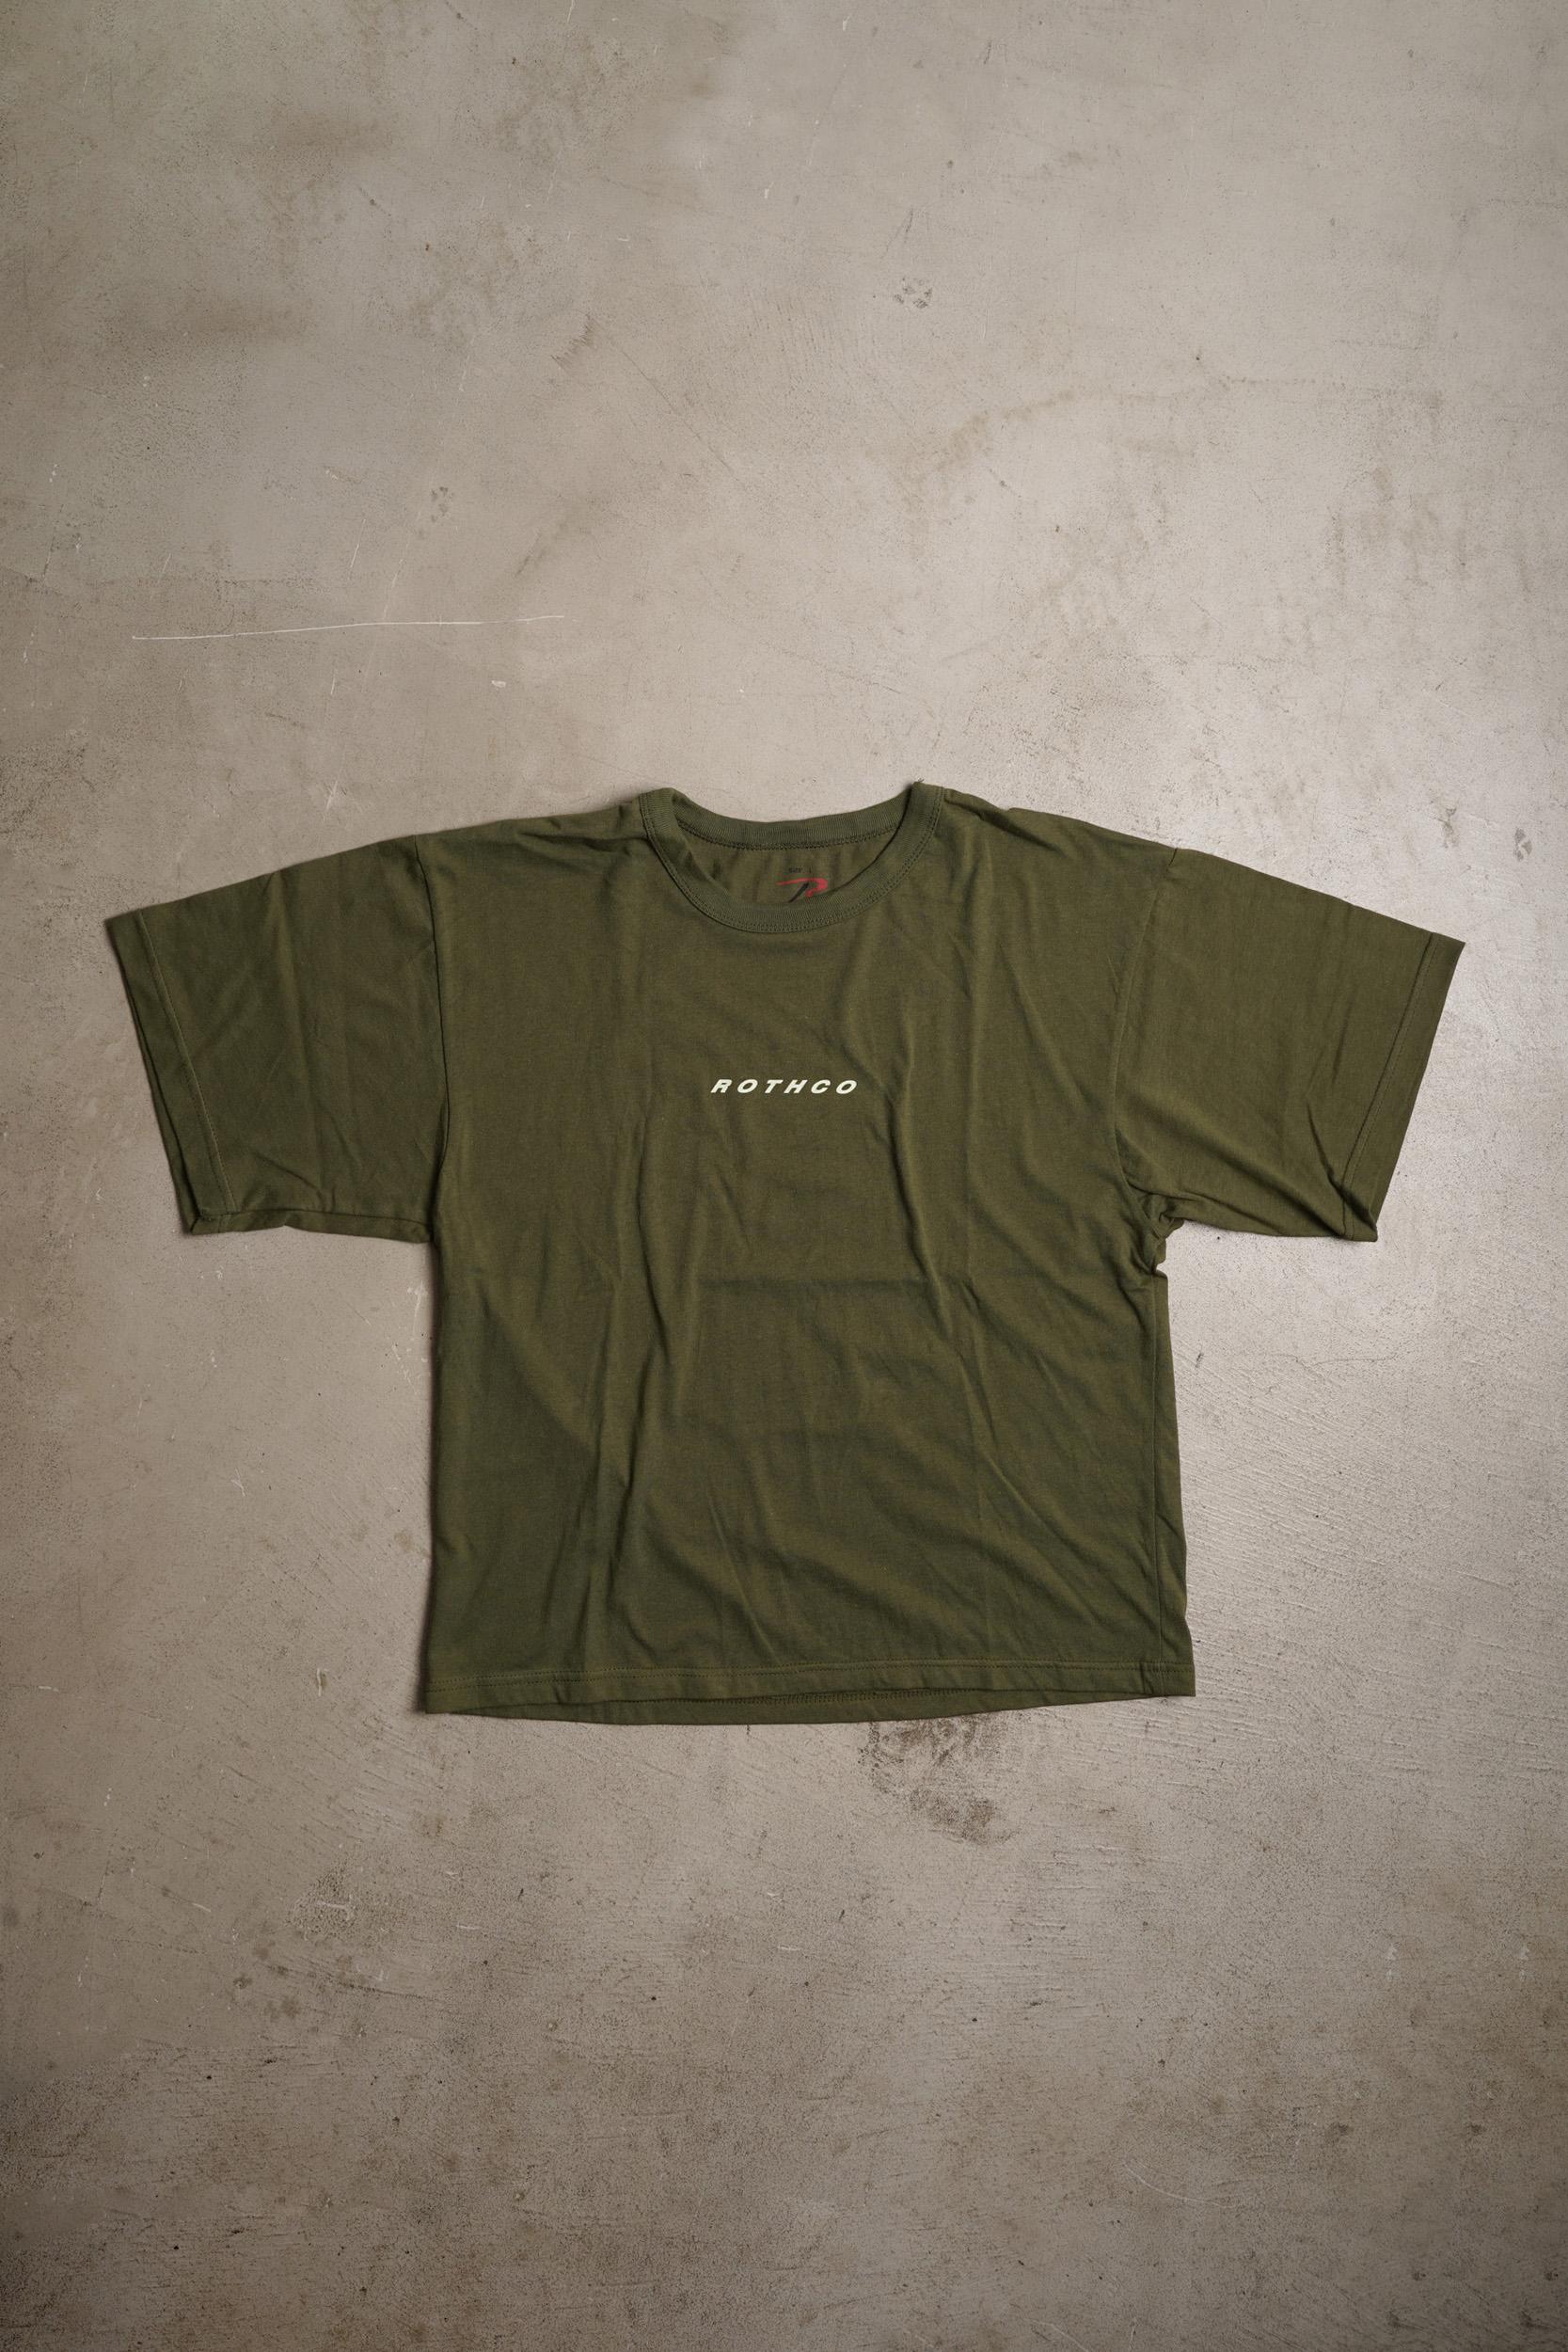 ロスコの迷彩柄シャツ